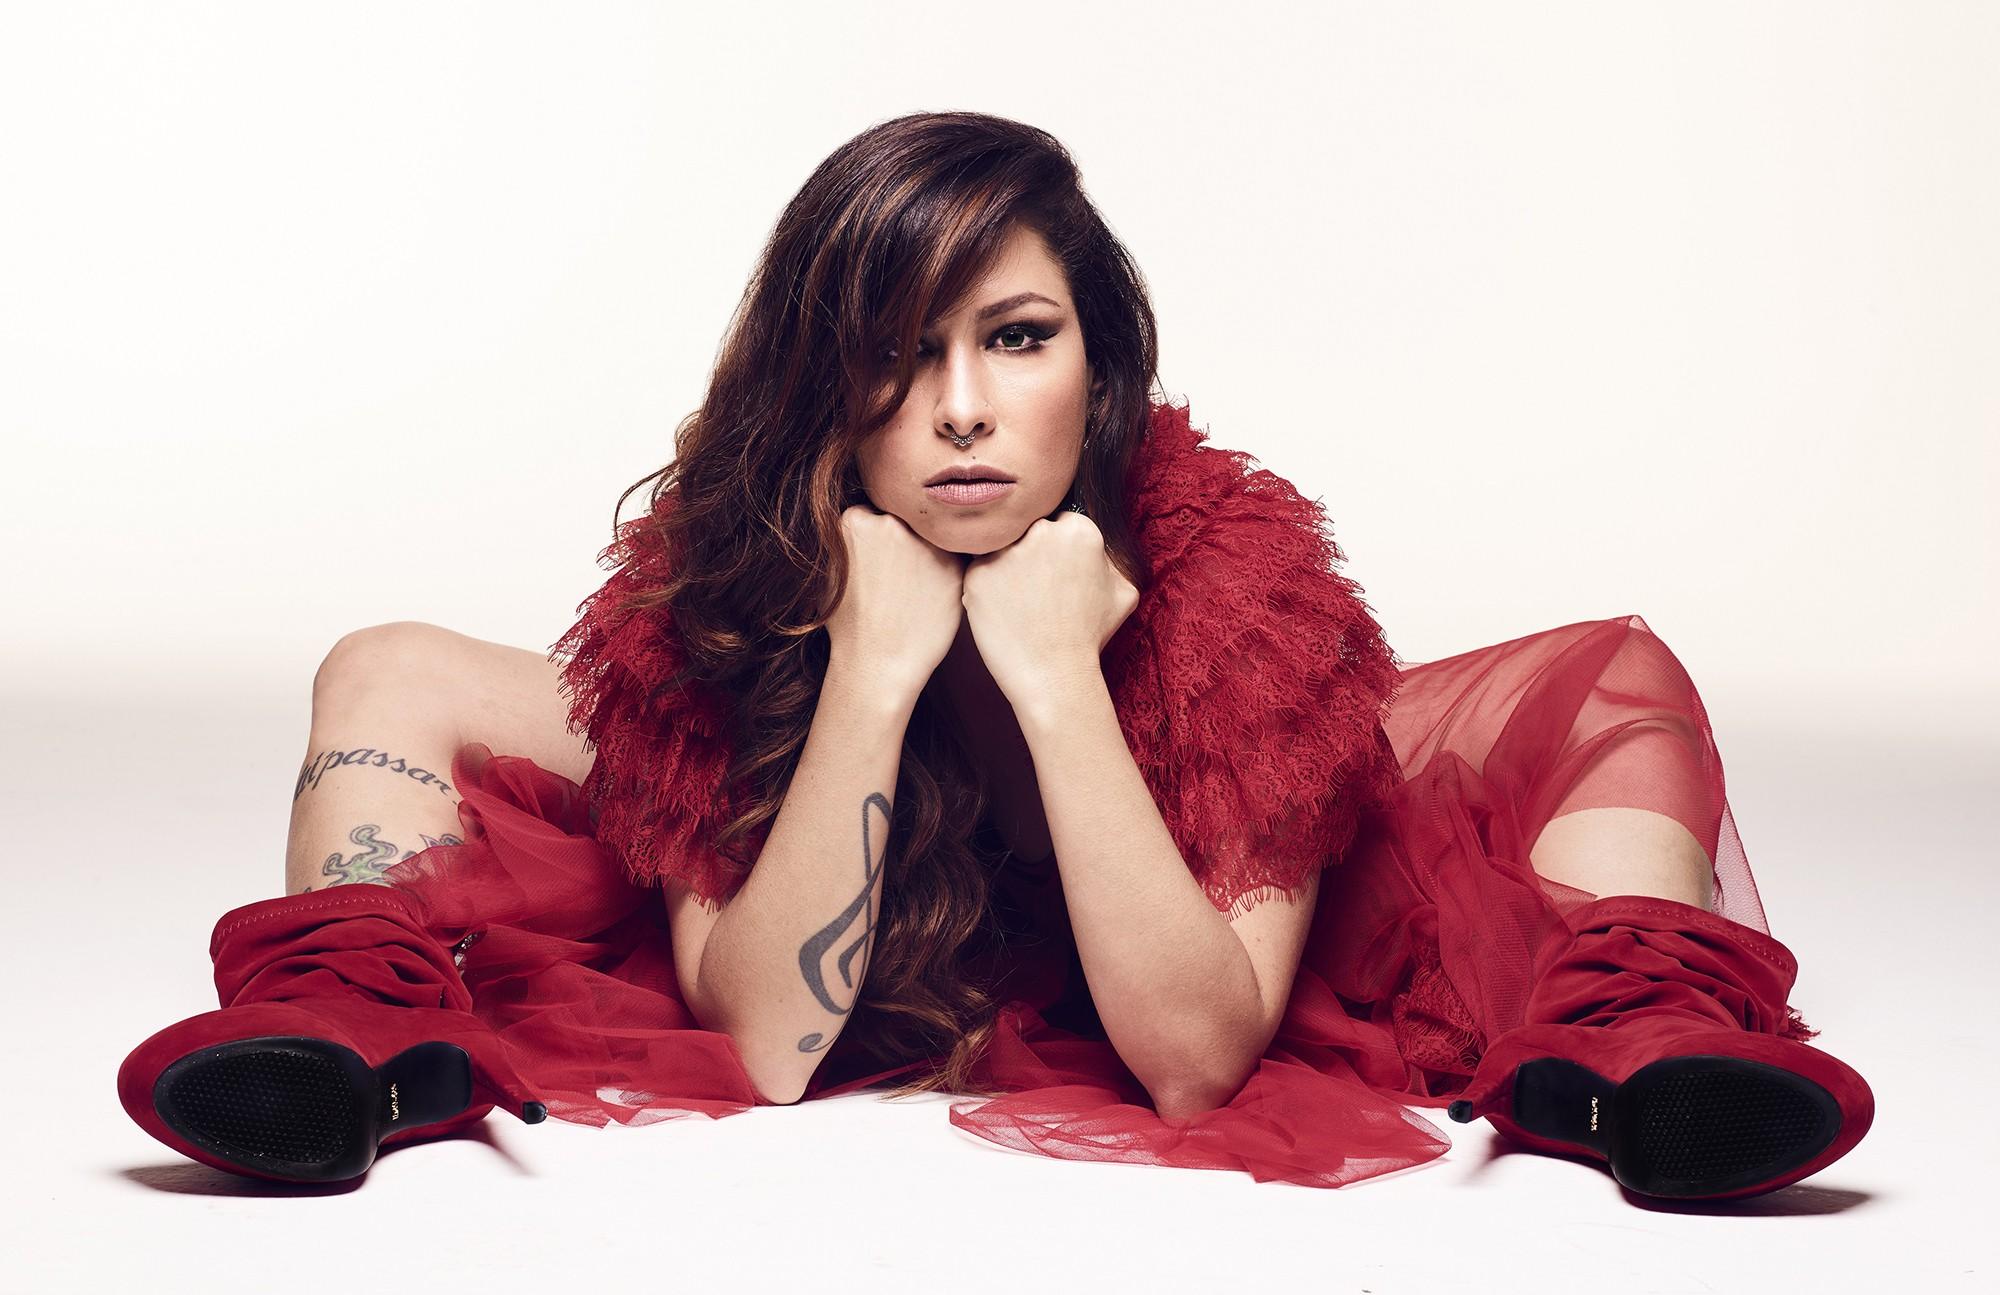 Pitty aciona no álbum 'Matriz' o 'motor' que Gal Costa religou no show 'A pele do futuro'